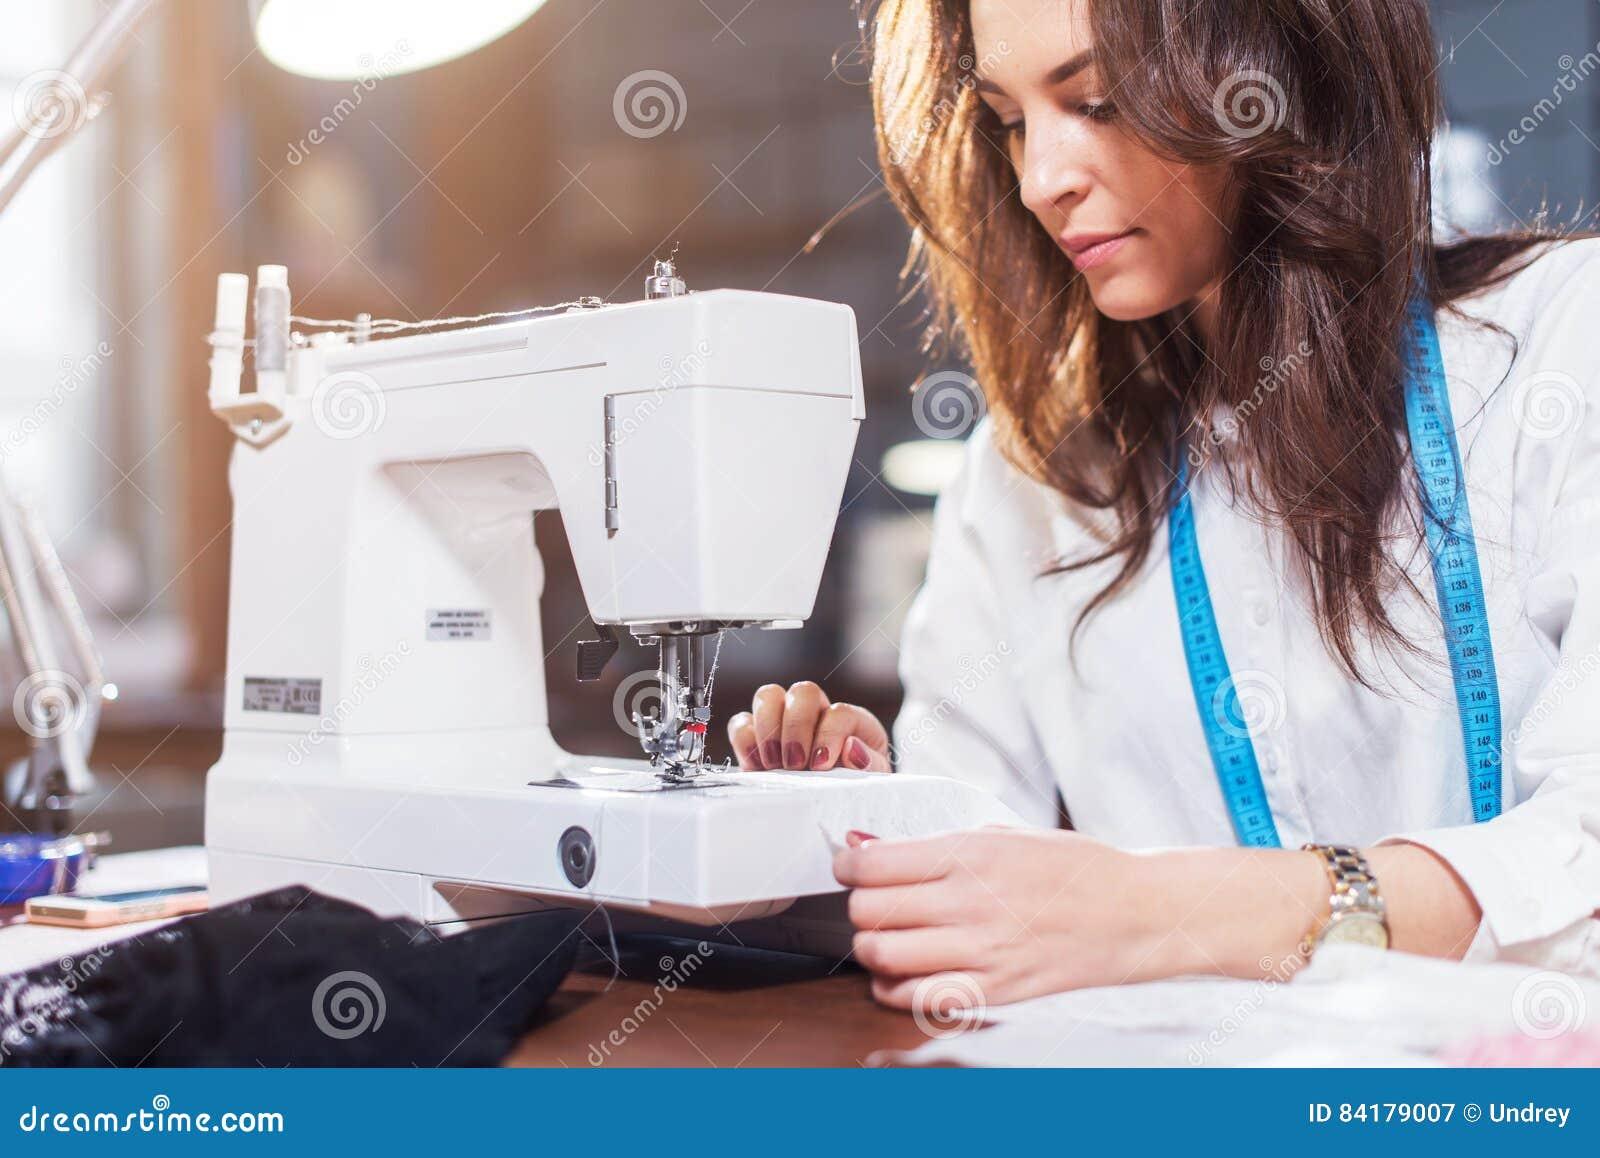 Młody żeński projektant mody pracuje na szwalnej maszynie w warsztacie